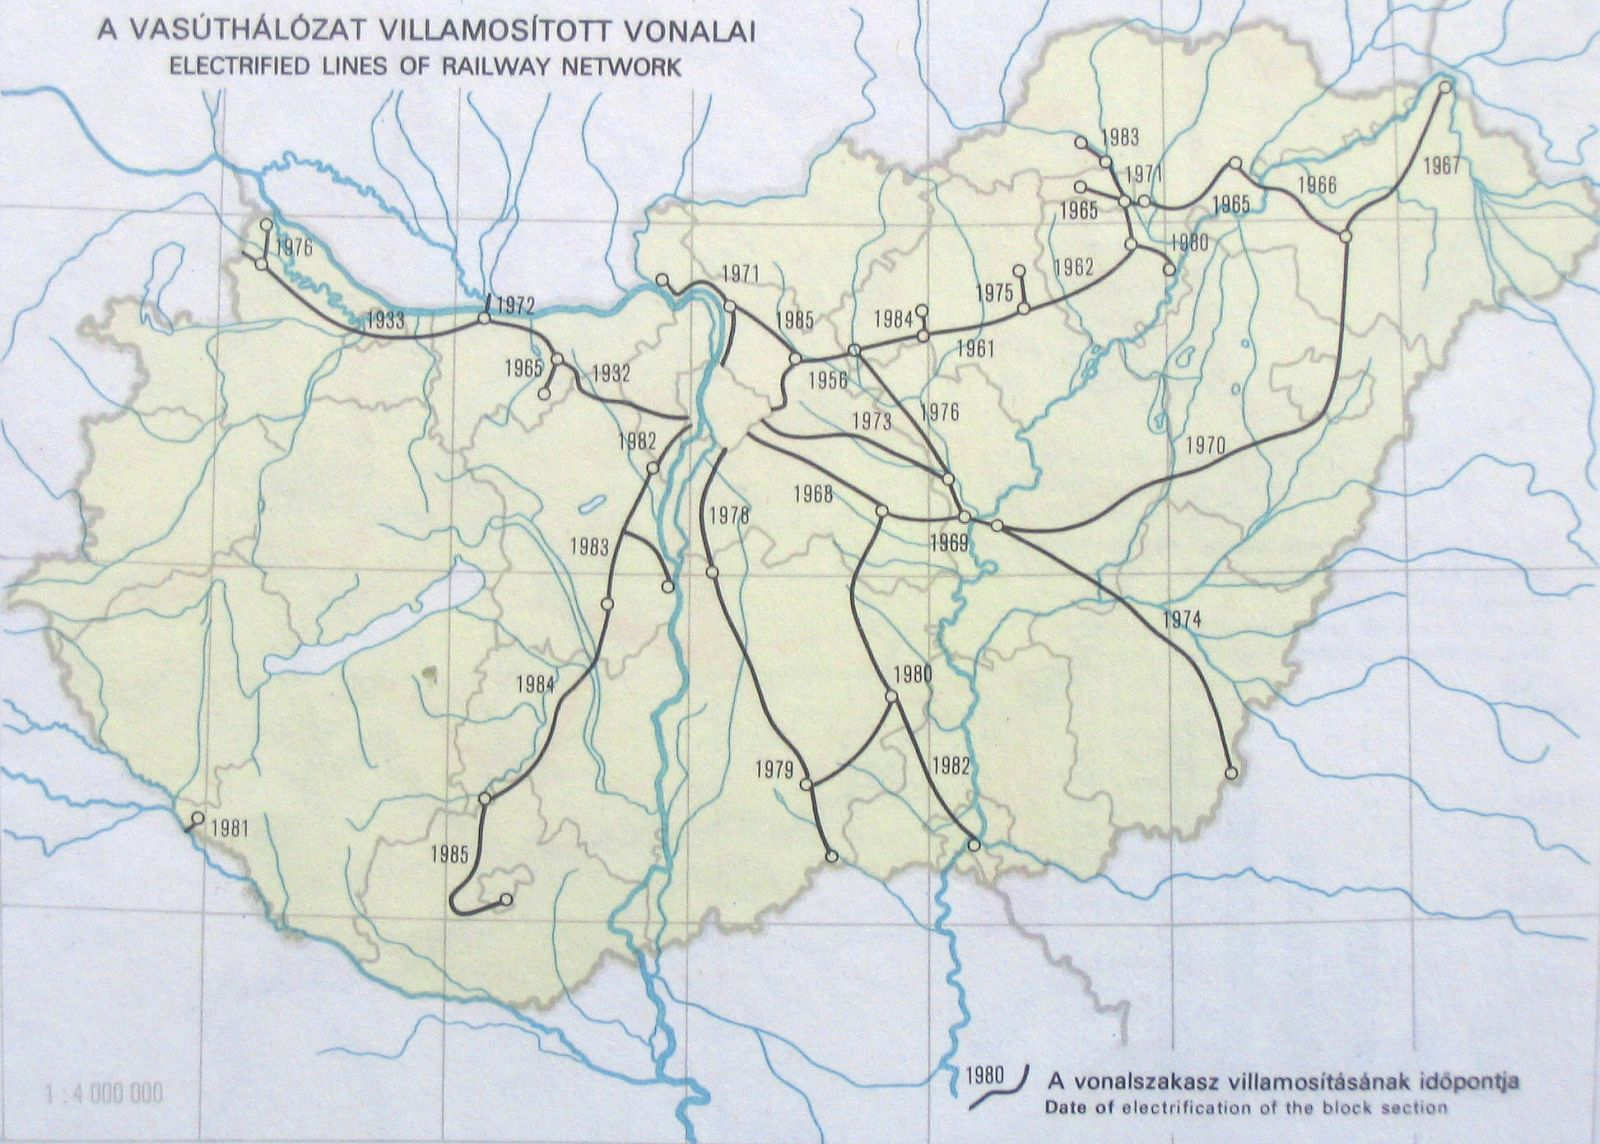 magyarország térkép szentgotthárd Közlekedési földrajz | SuliTudásbázis magyarország térkép szentgotthárd